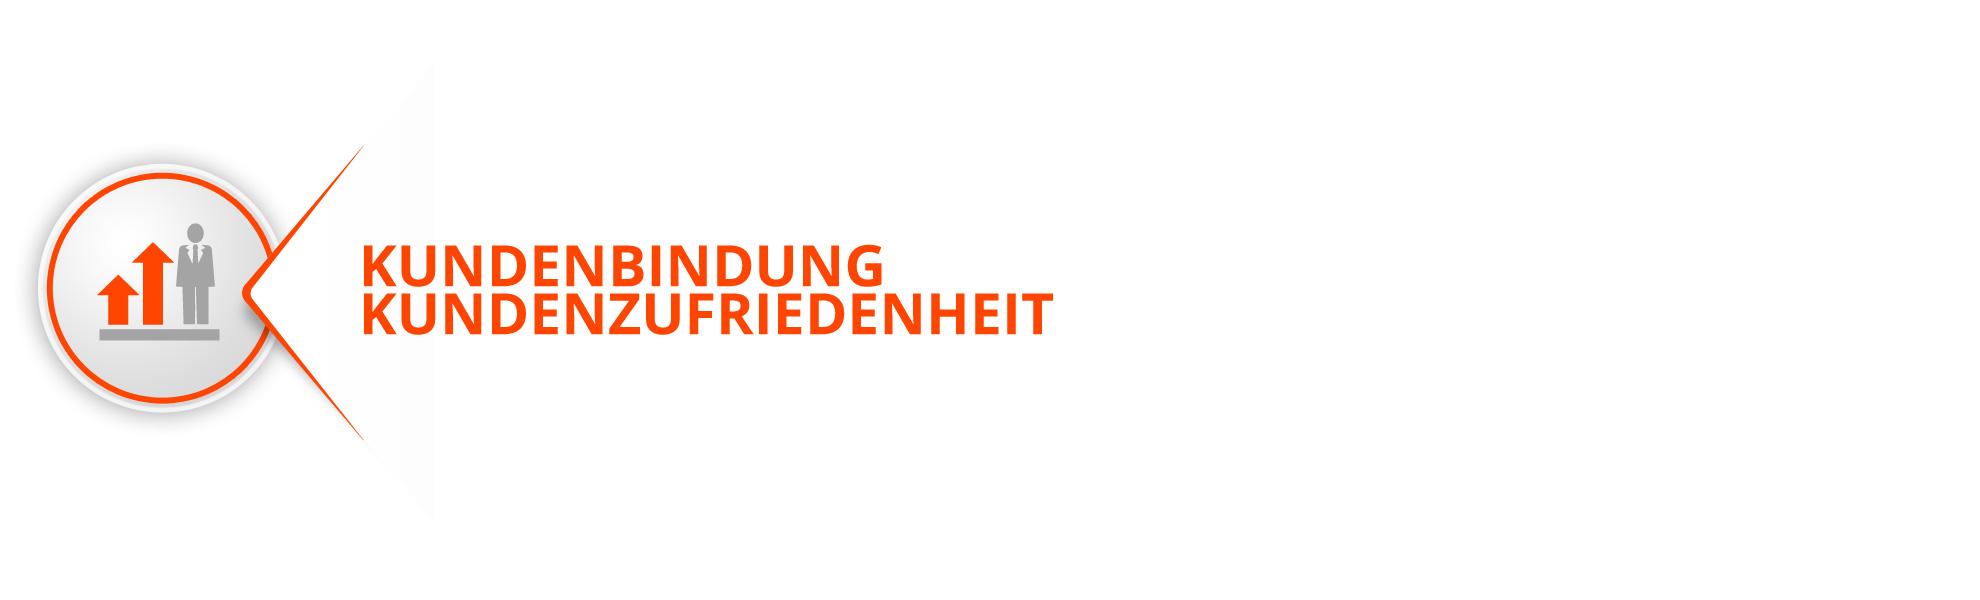 kundenbindung-kundenzufriedenheit-azobit